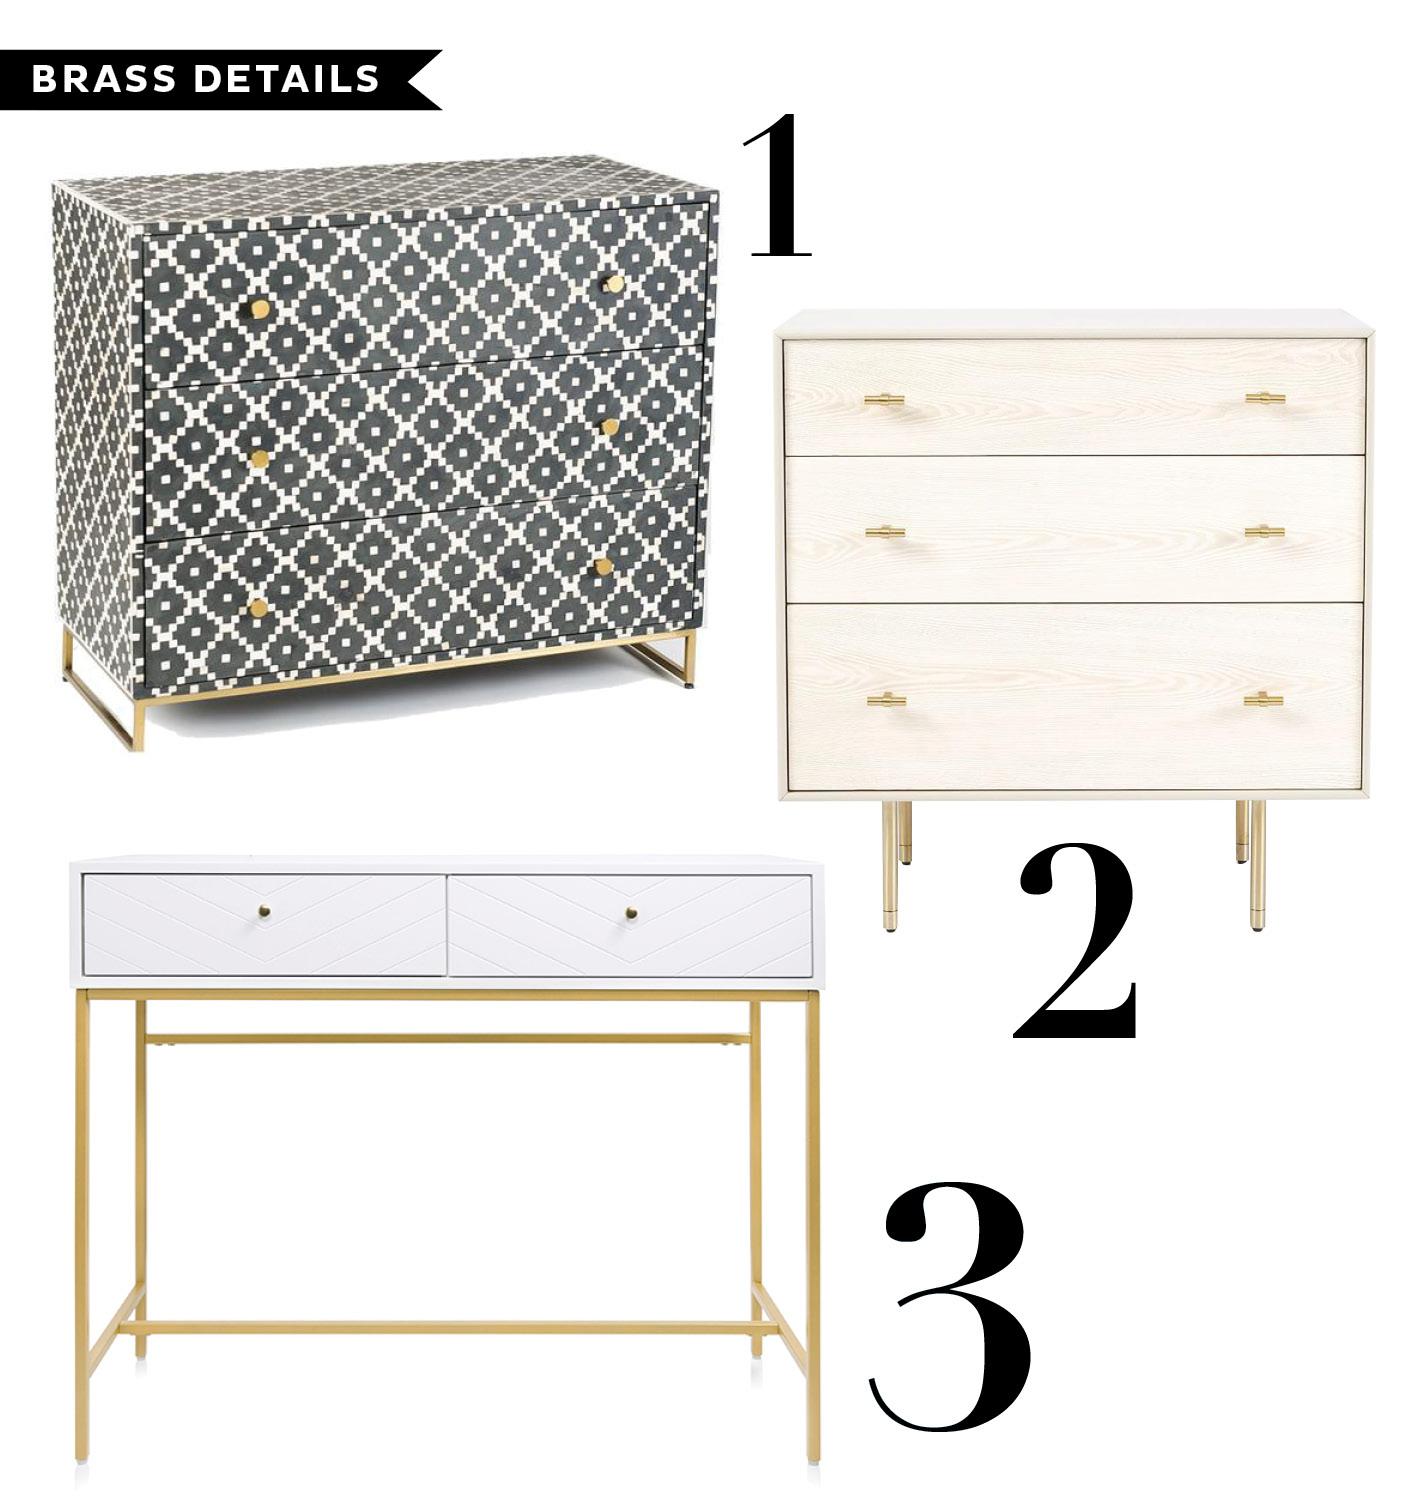 adore_home_brass_details_chest_storage_bedroom_pretty.jpg